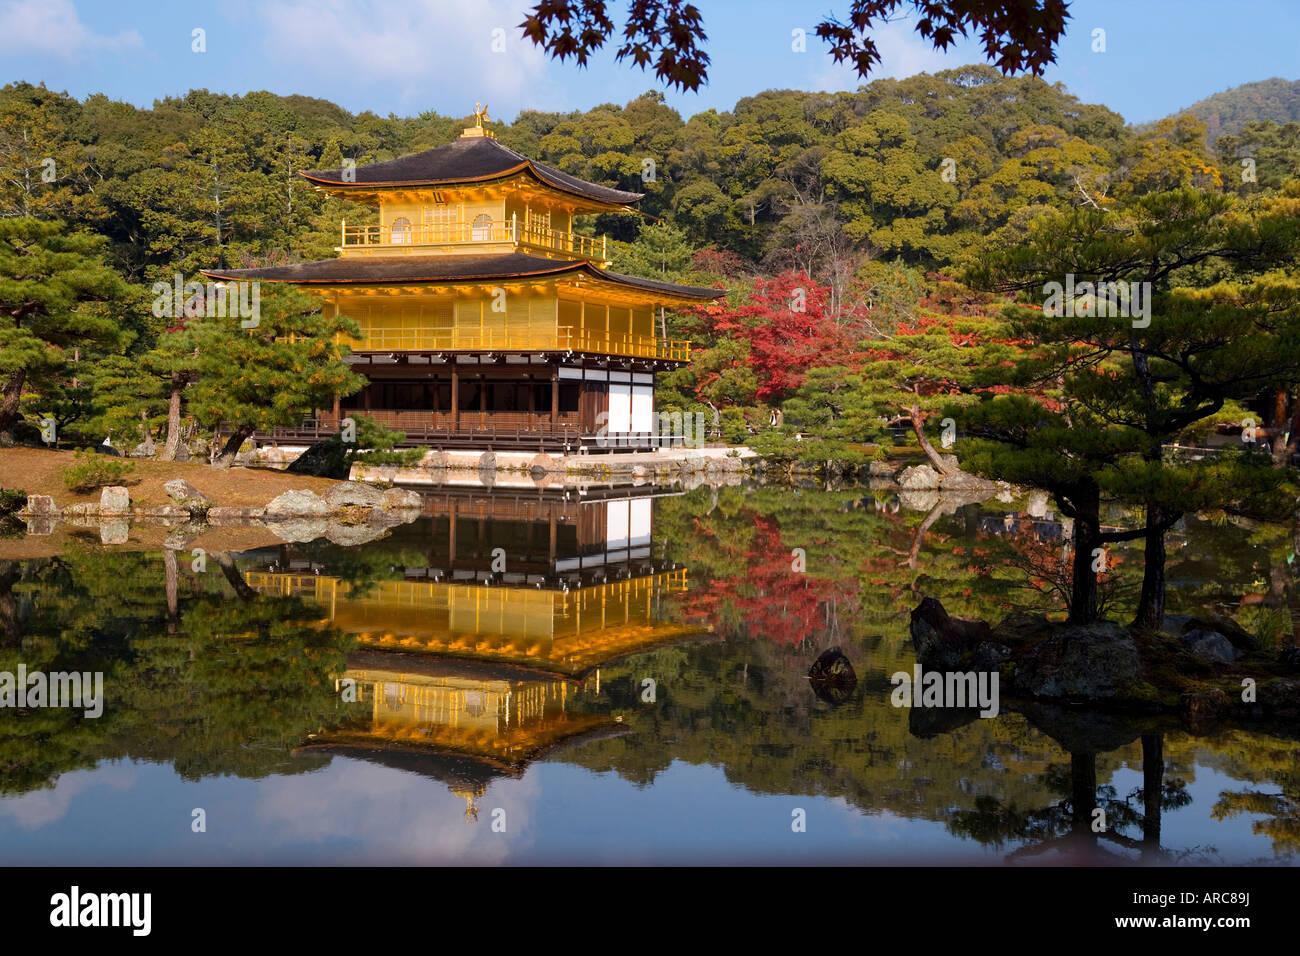 Le Kinkaku-ji (Pavillon d'Or), Kyoto, région du Kansai, Honshu, Japan Photo Stock